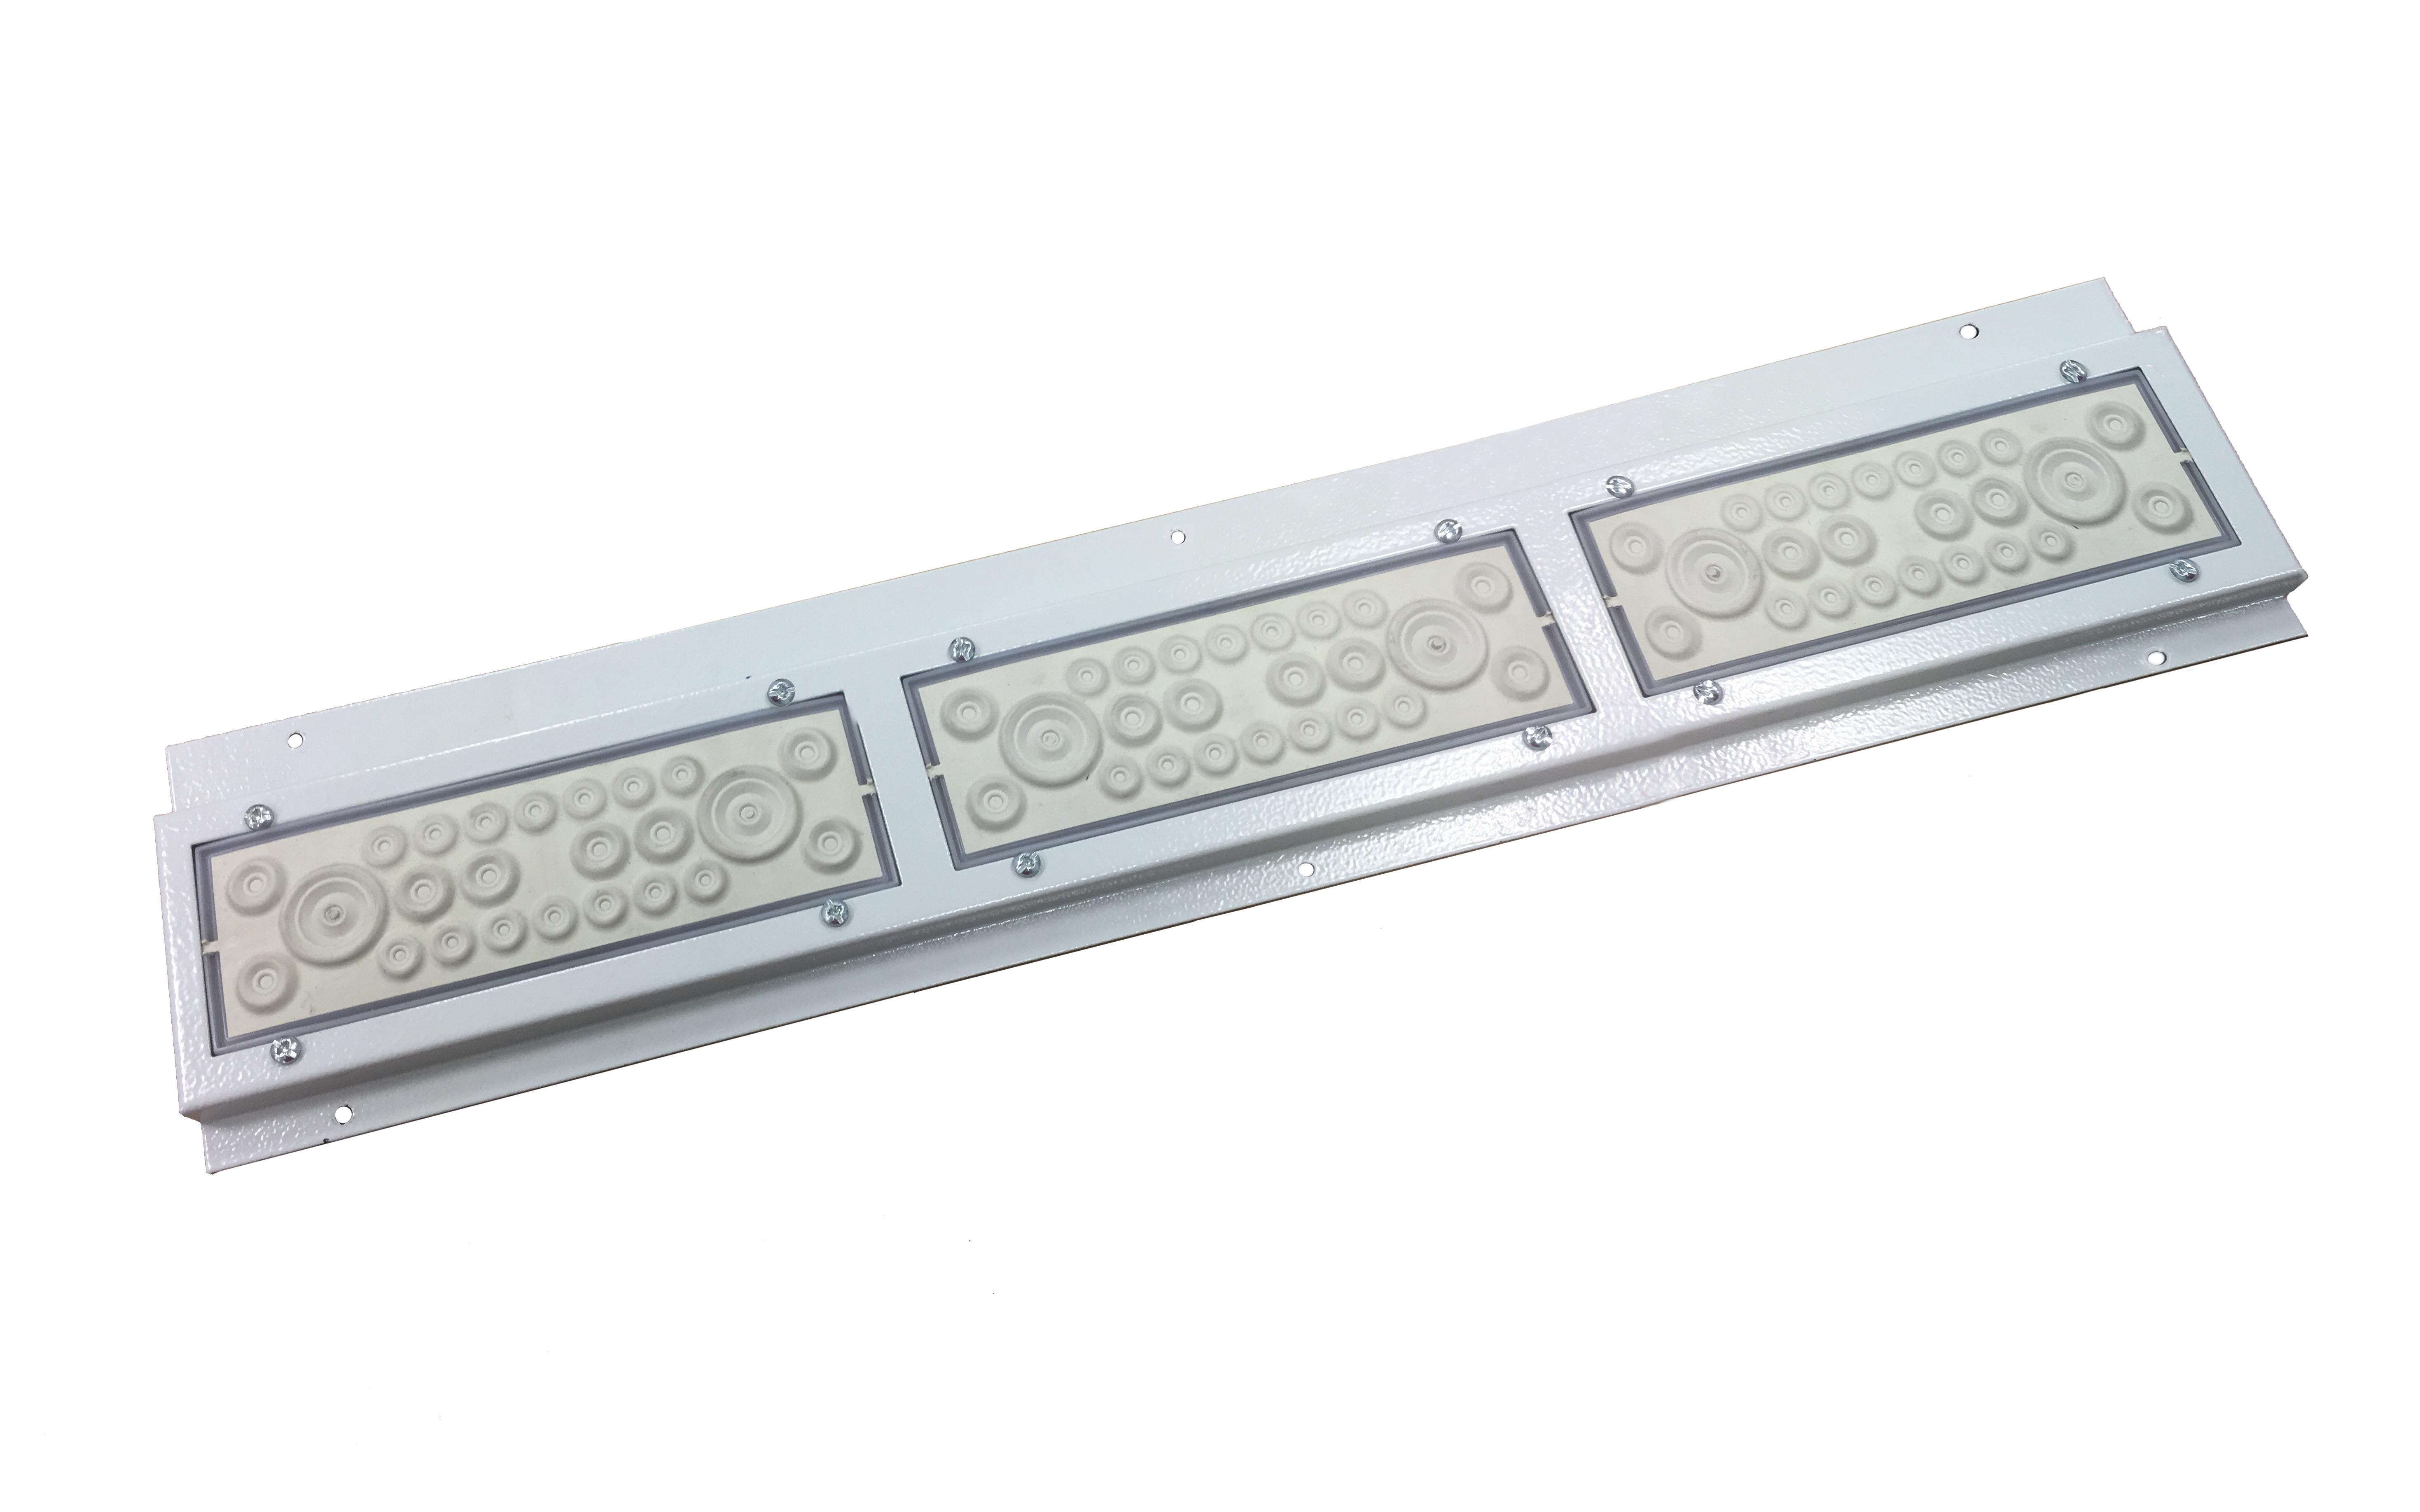 1 Stk Durchsteckflansch IP20C,IL006/009/036 Sonder, 636x130x15mm IL900103--